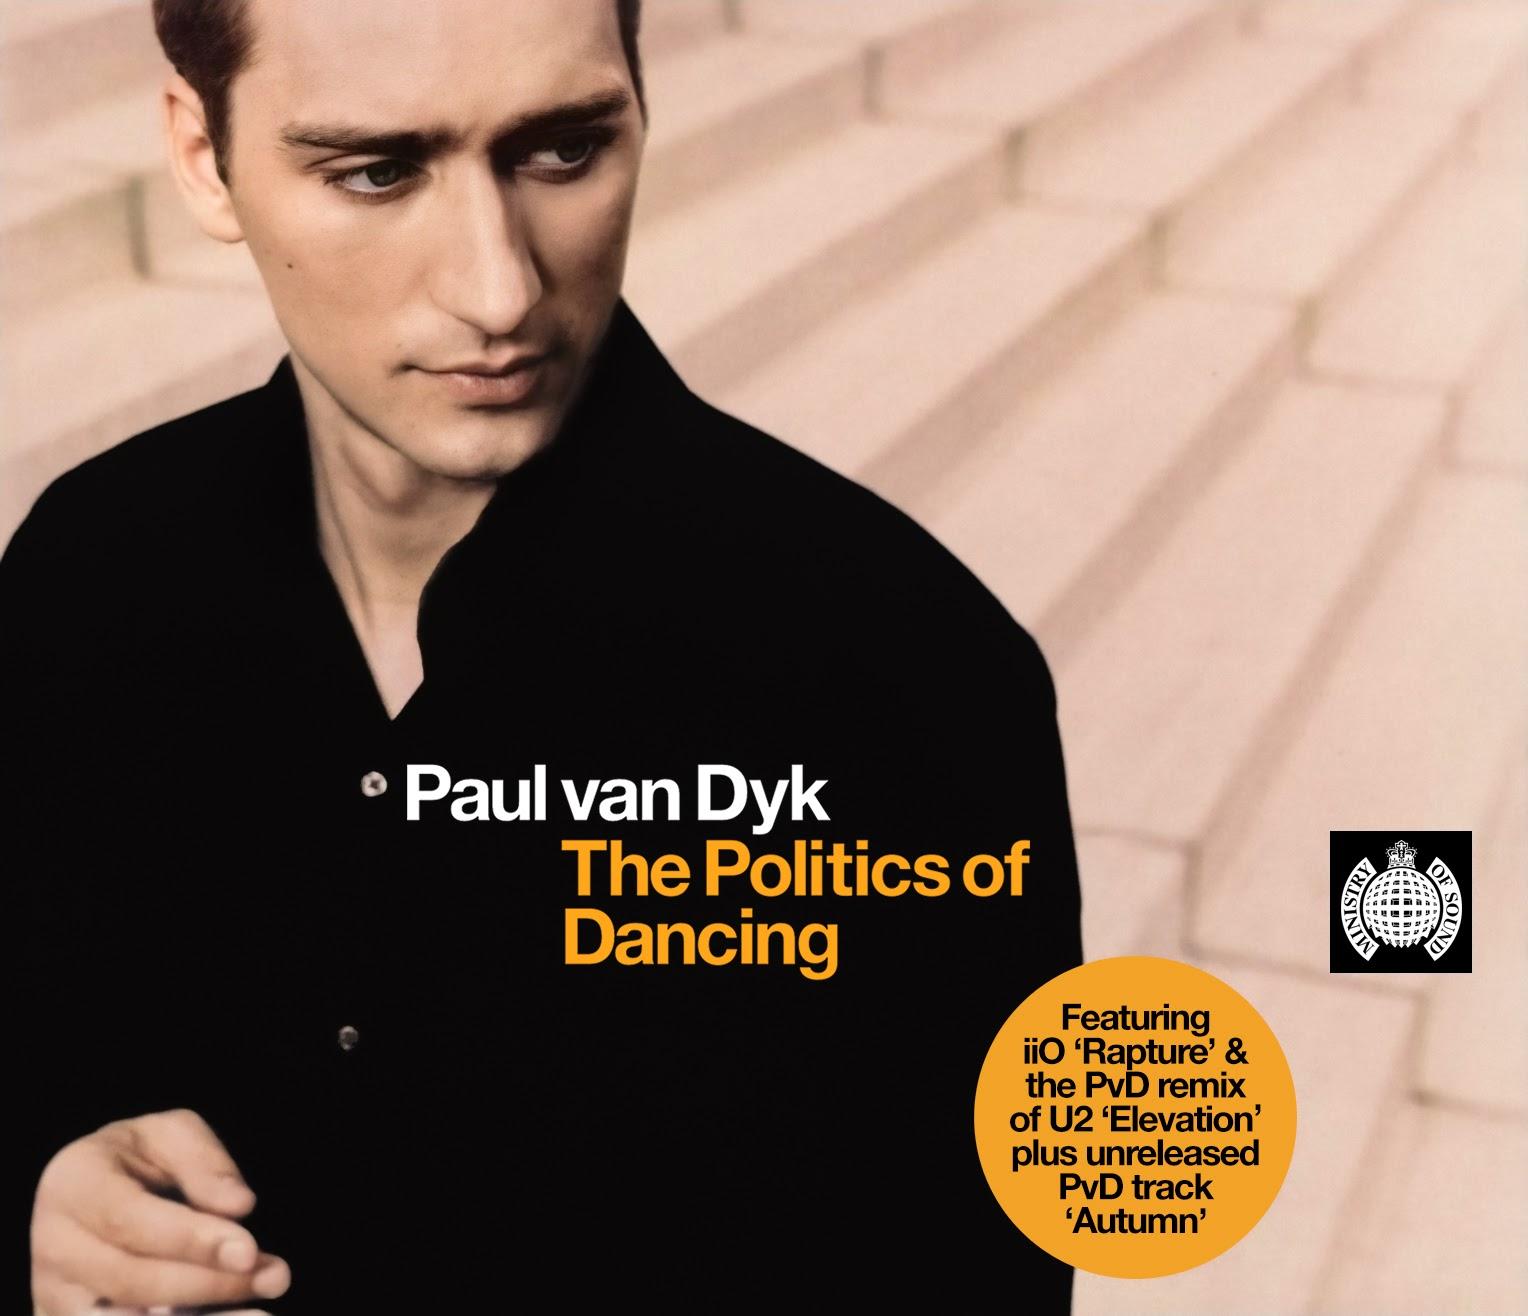 Album Artist: Paul van Dyk / Album Title: The Politics of Dancing [Original Rectangular Album Art]